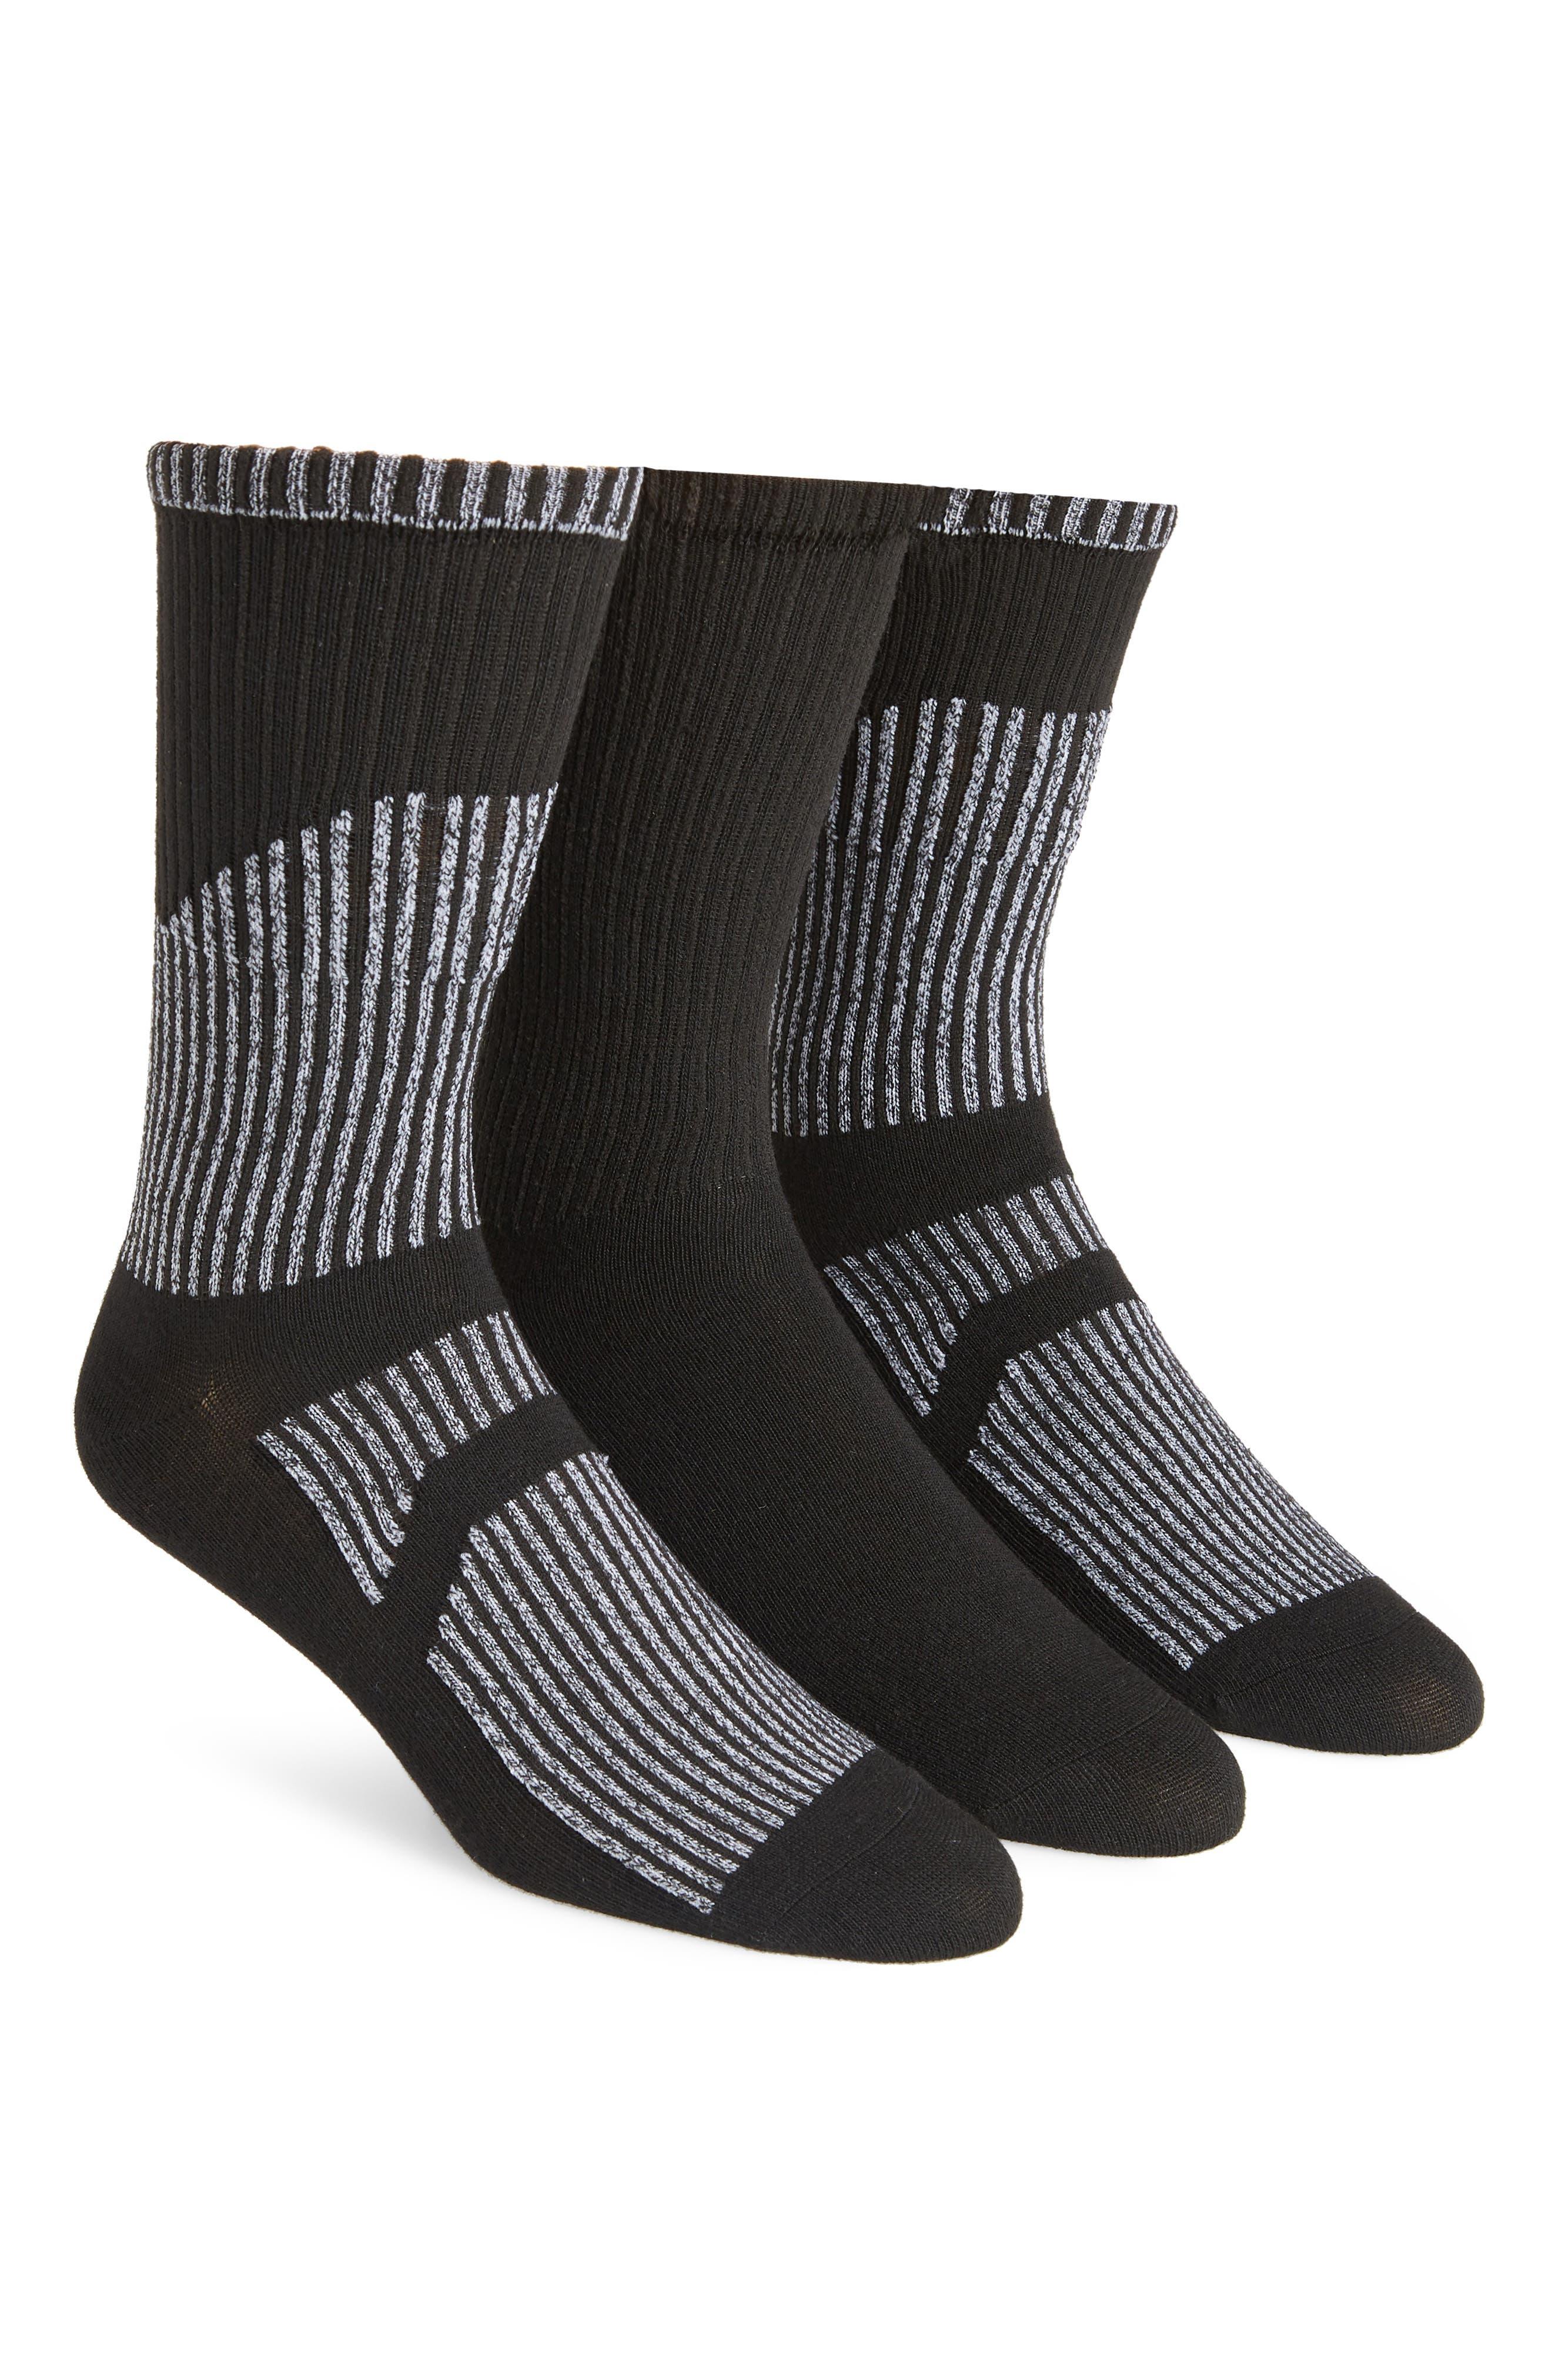 ADIDAS ORIGINALS,                             Prime Mesh III 3-Pack Crew Socks,                             Main thumbnail 1, color,                             BLACK/ WHITE MARL